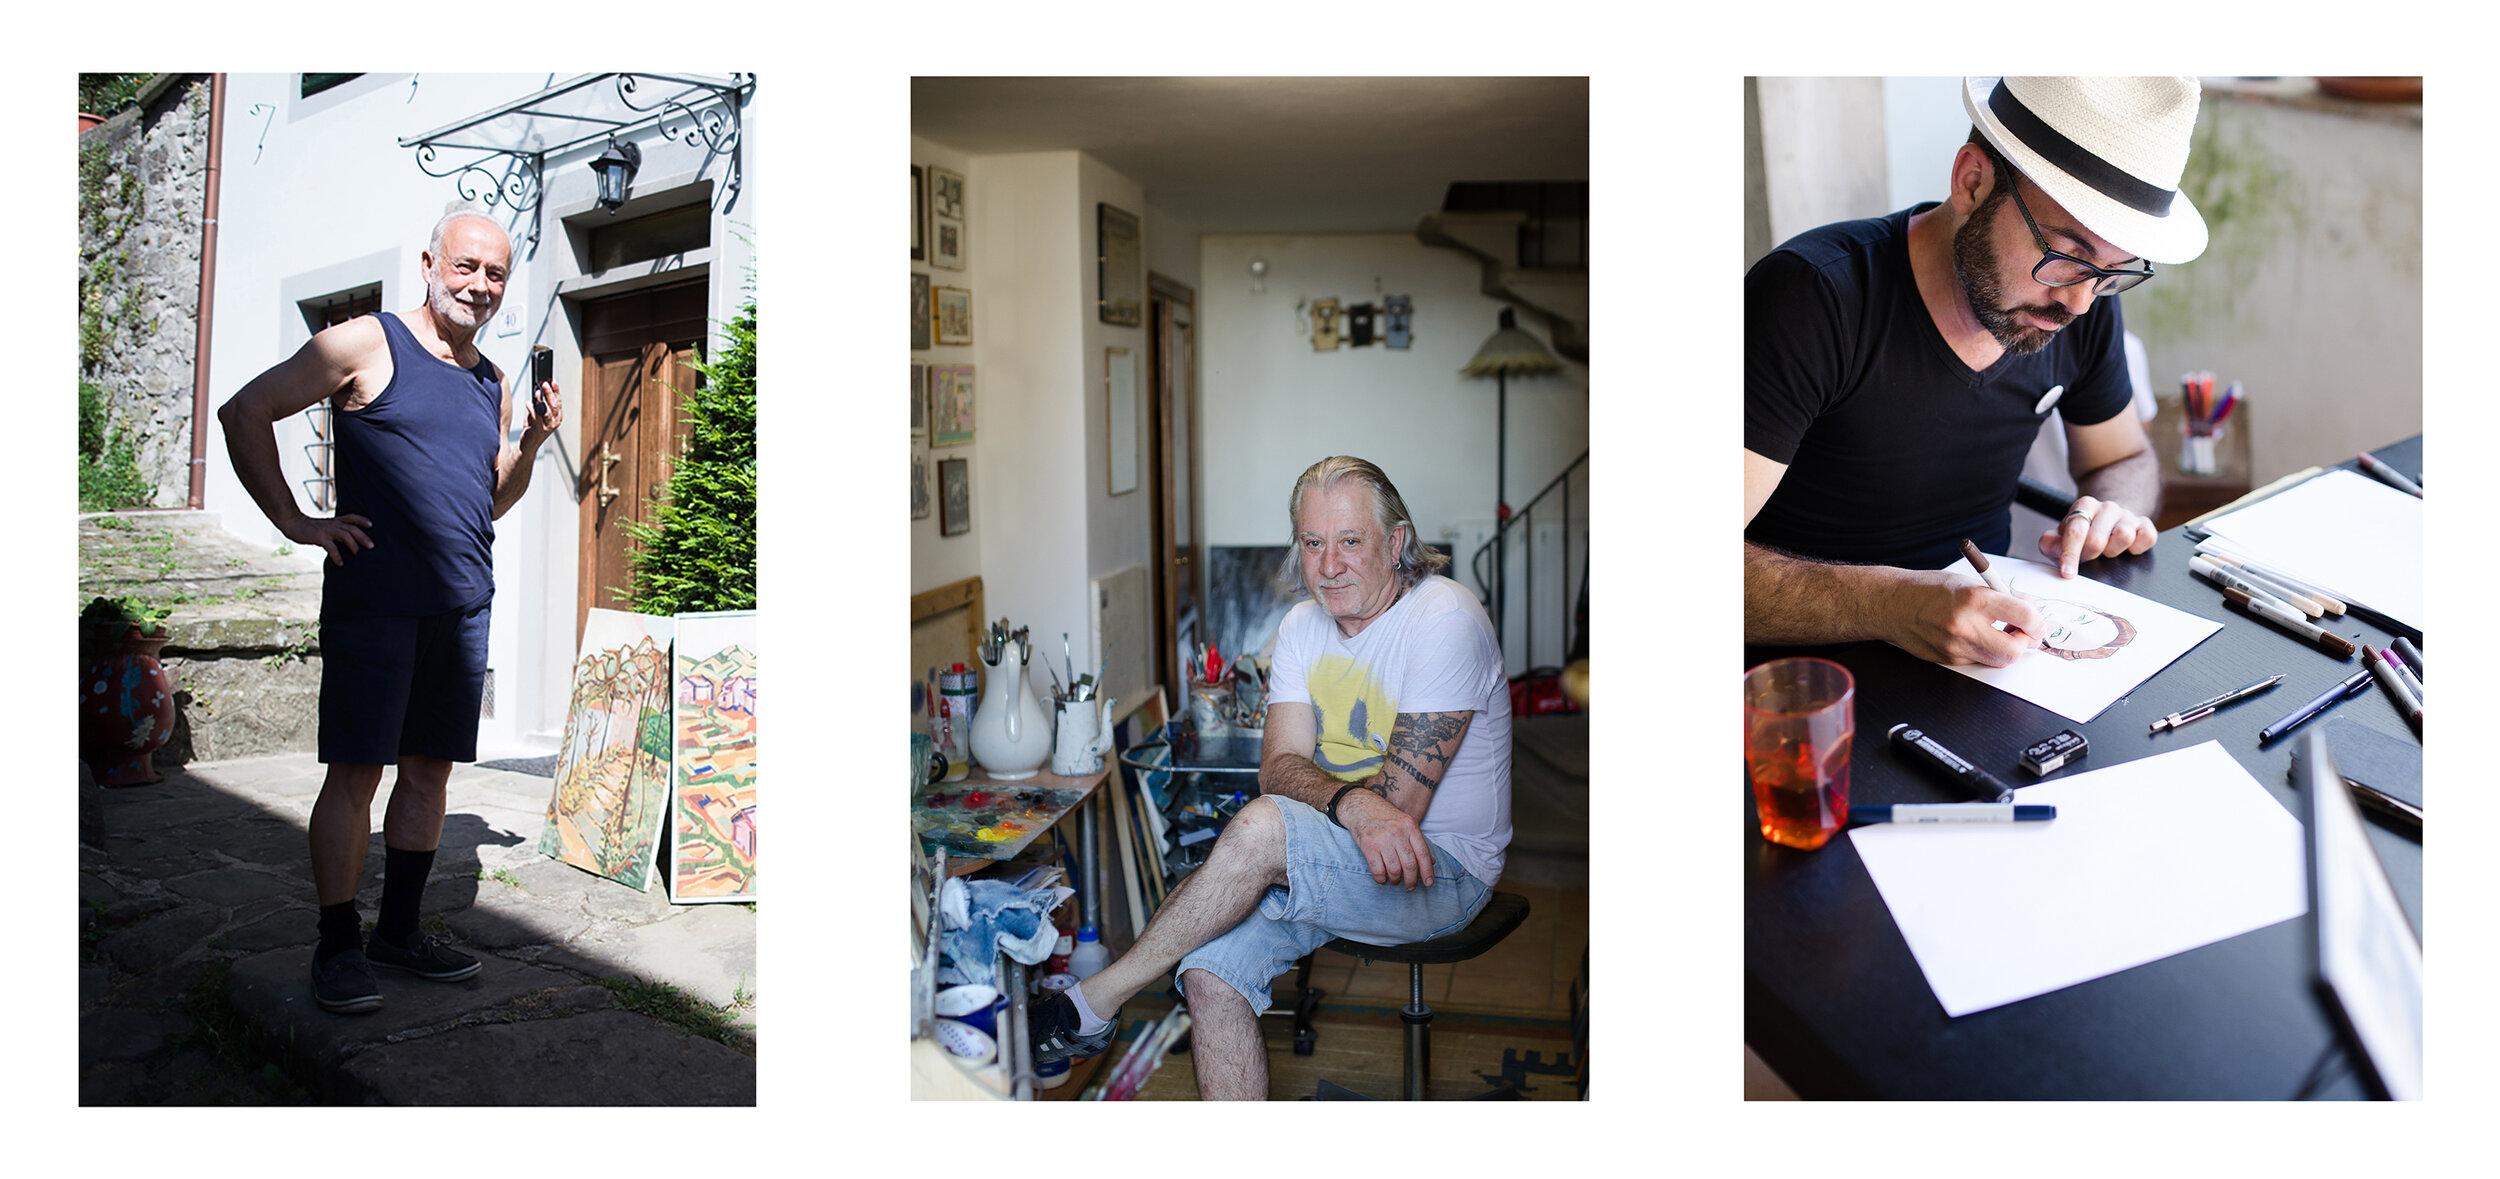 """Luciano Gelli, Pieralberto Luzzana, Riccardo Innocenti: i tre artisti abitanti della """"Rive Gauche"""" - Castagno di Piteccio, Borgo Museo Festival 2019"""